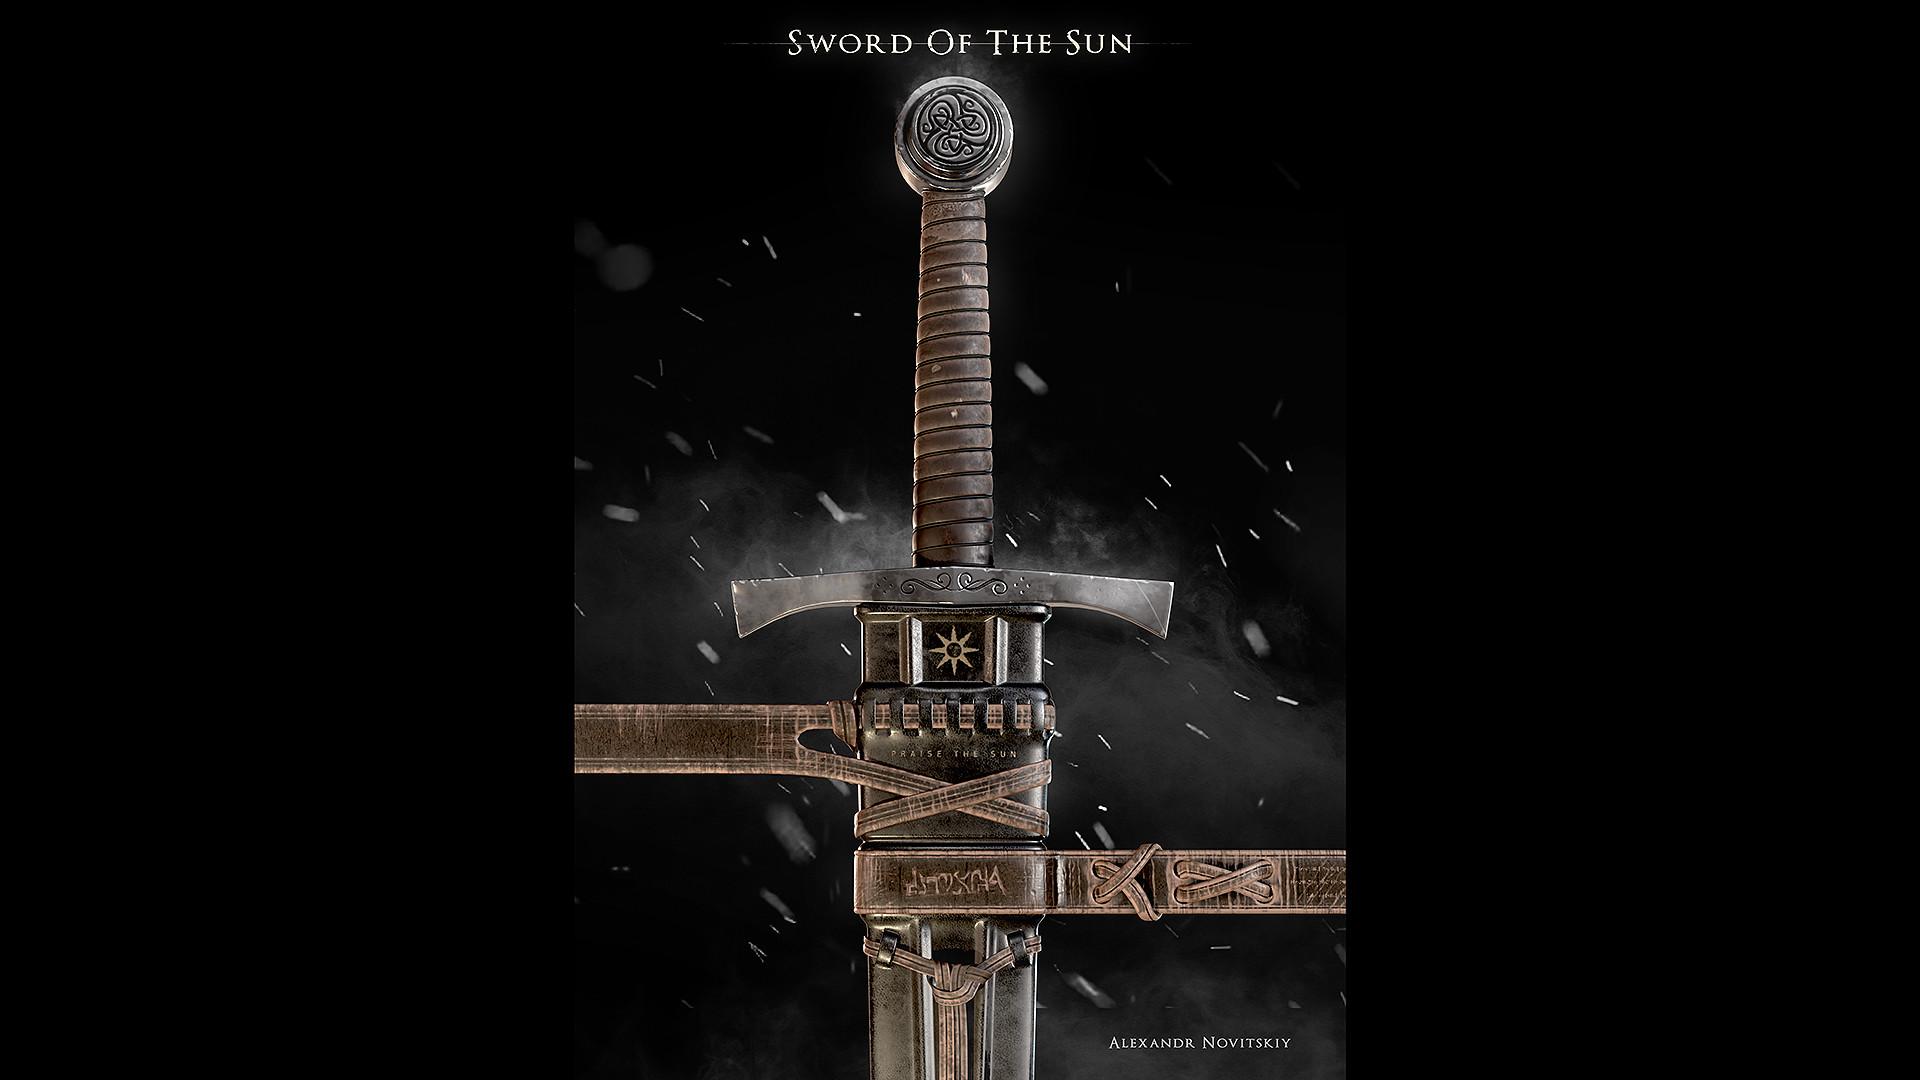 Alexandr novitskiy dark knight sword 02